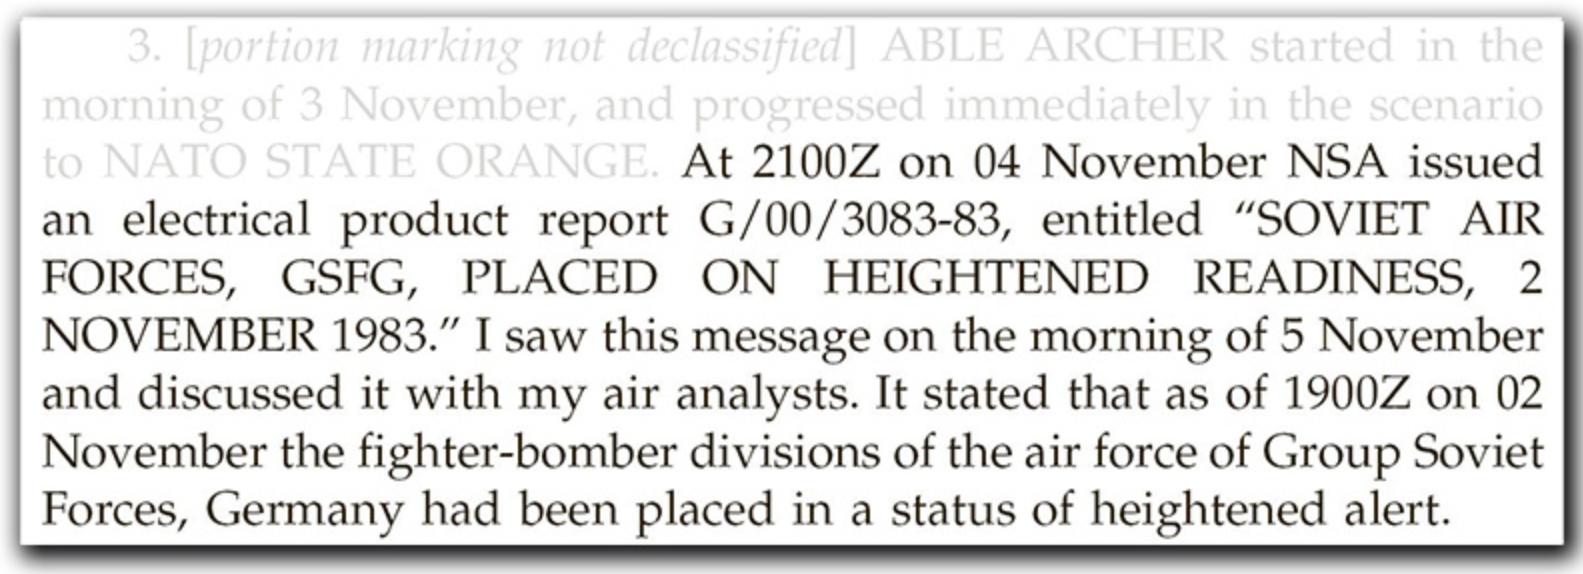 Неправильное толкование учений НАТО 1983 года привело к тому, что СССР поставил на вооружение 100 самолетов для ядерной войны